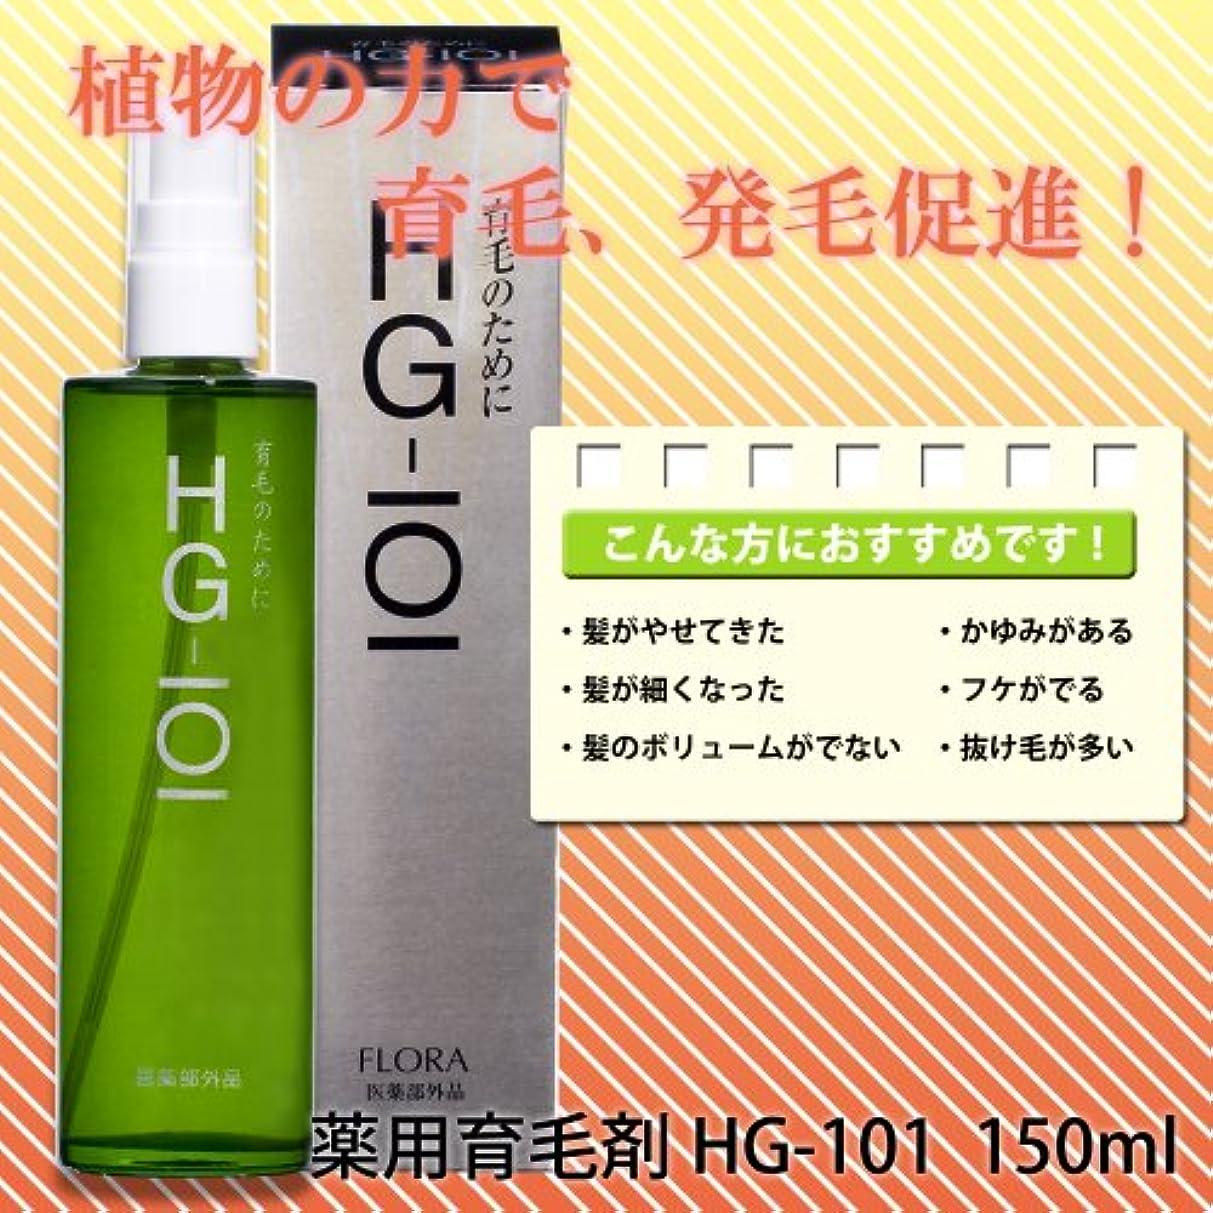 物質引き付けるハリウッド薬用育毛剤HG-101 150ml